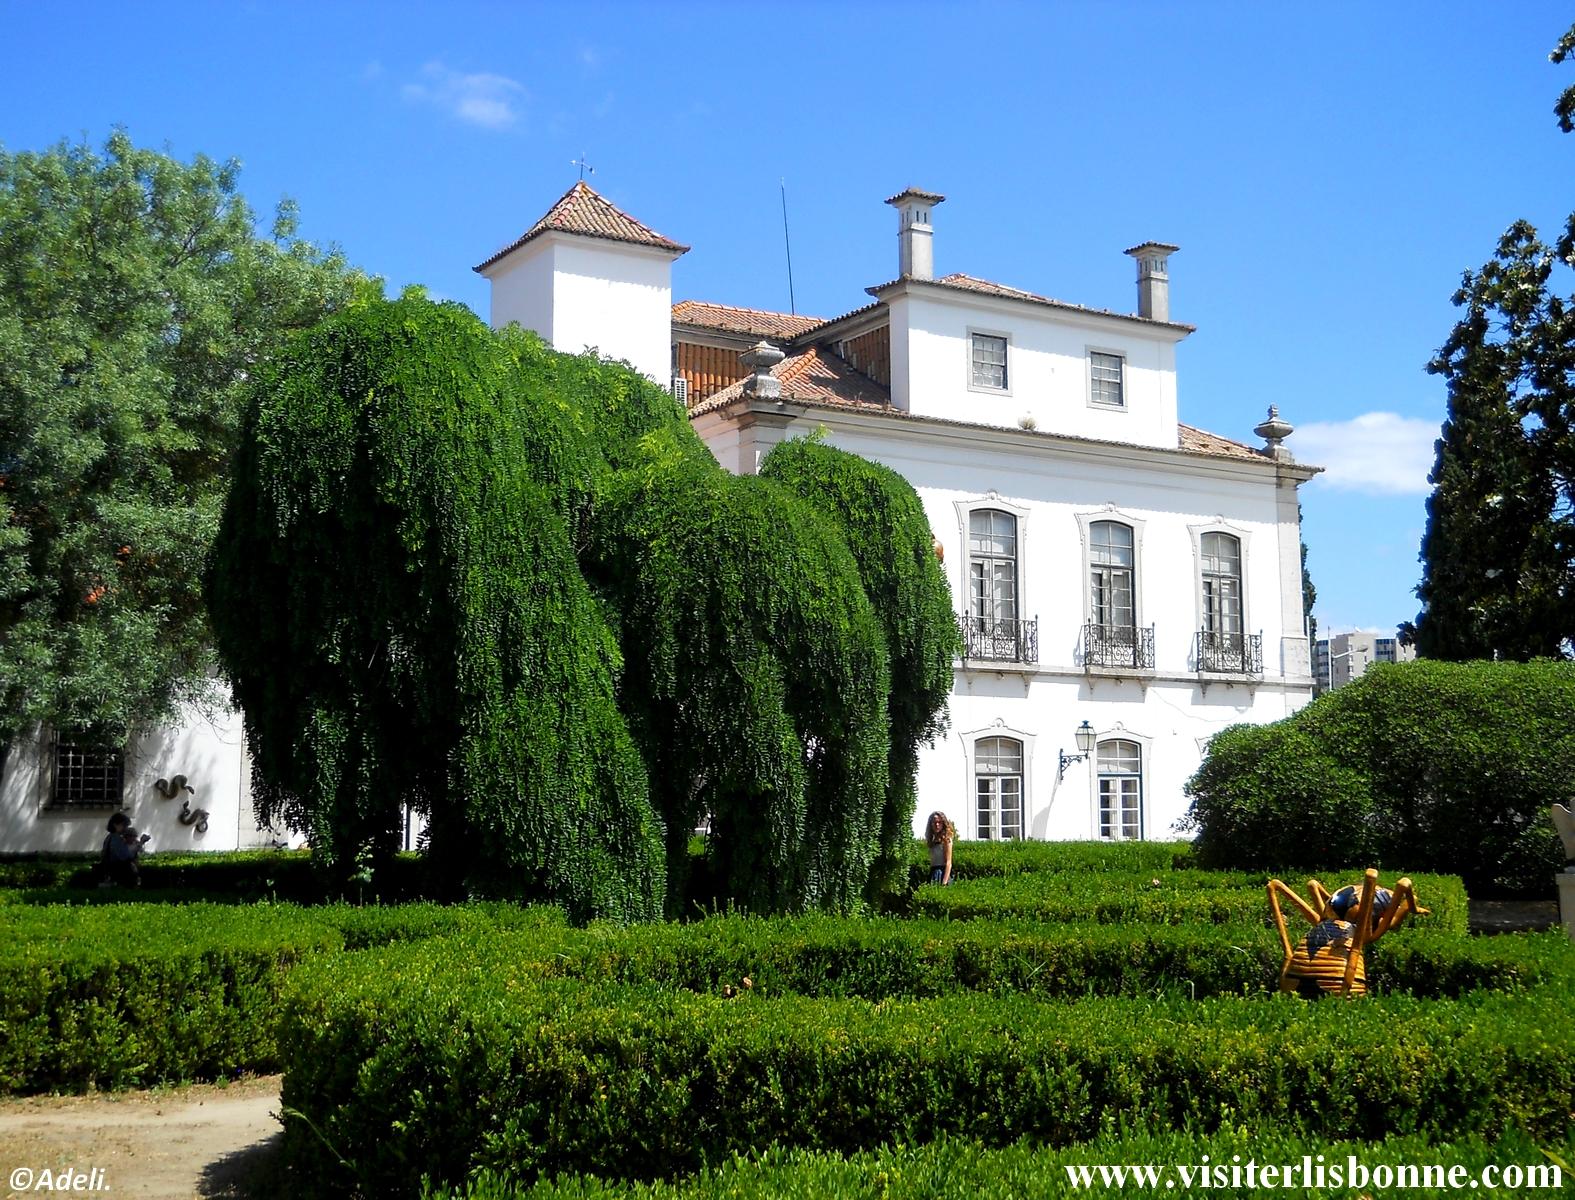 Musée de la ville Lisbonne - Museu da Cidade - Lisbonne